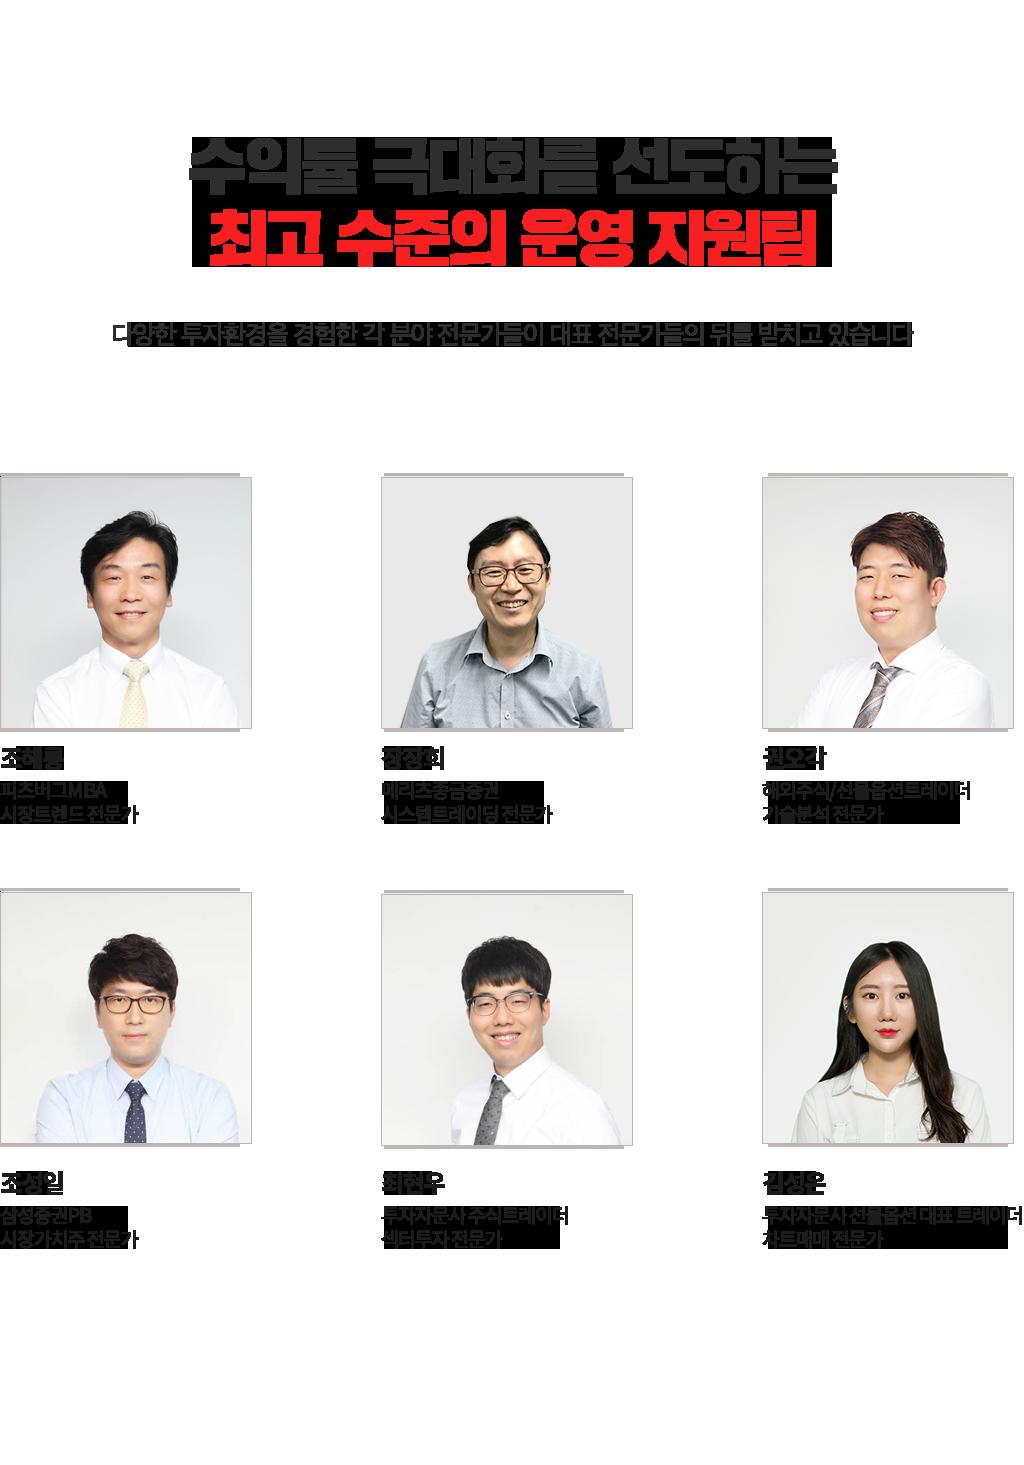 수익률 극대화를 선도하는최고 수준의 운영 지원팀